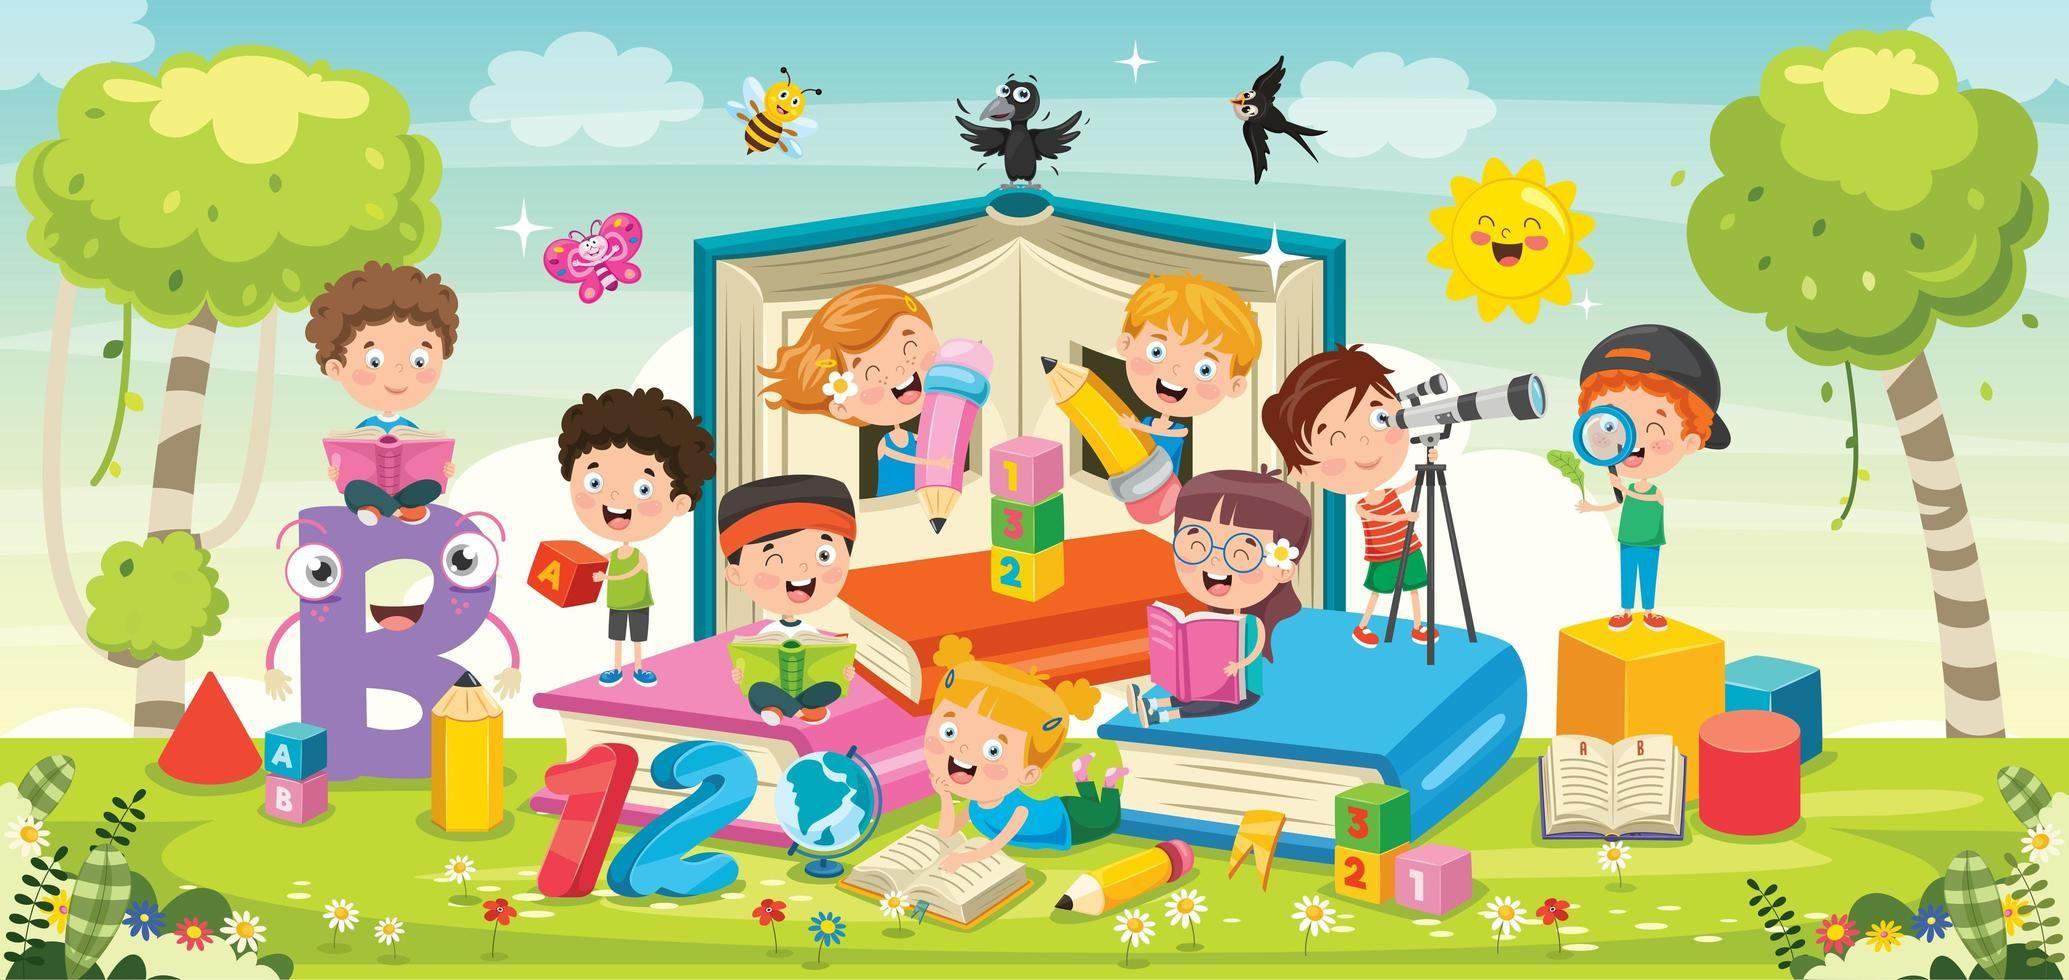 Ninos De Dibujos Animados Jugando Con Libros Ninos Dibujos Animados Dibujos Animados Juegos Para Ninos